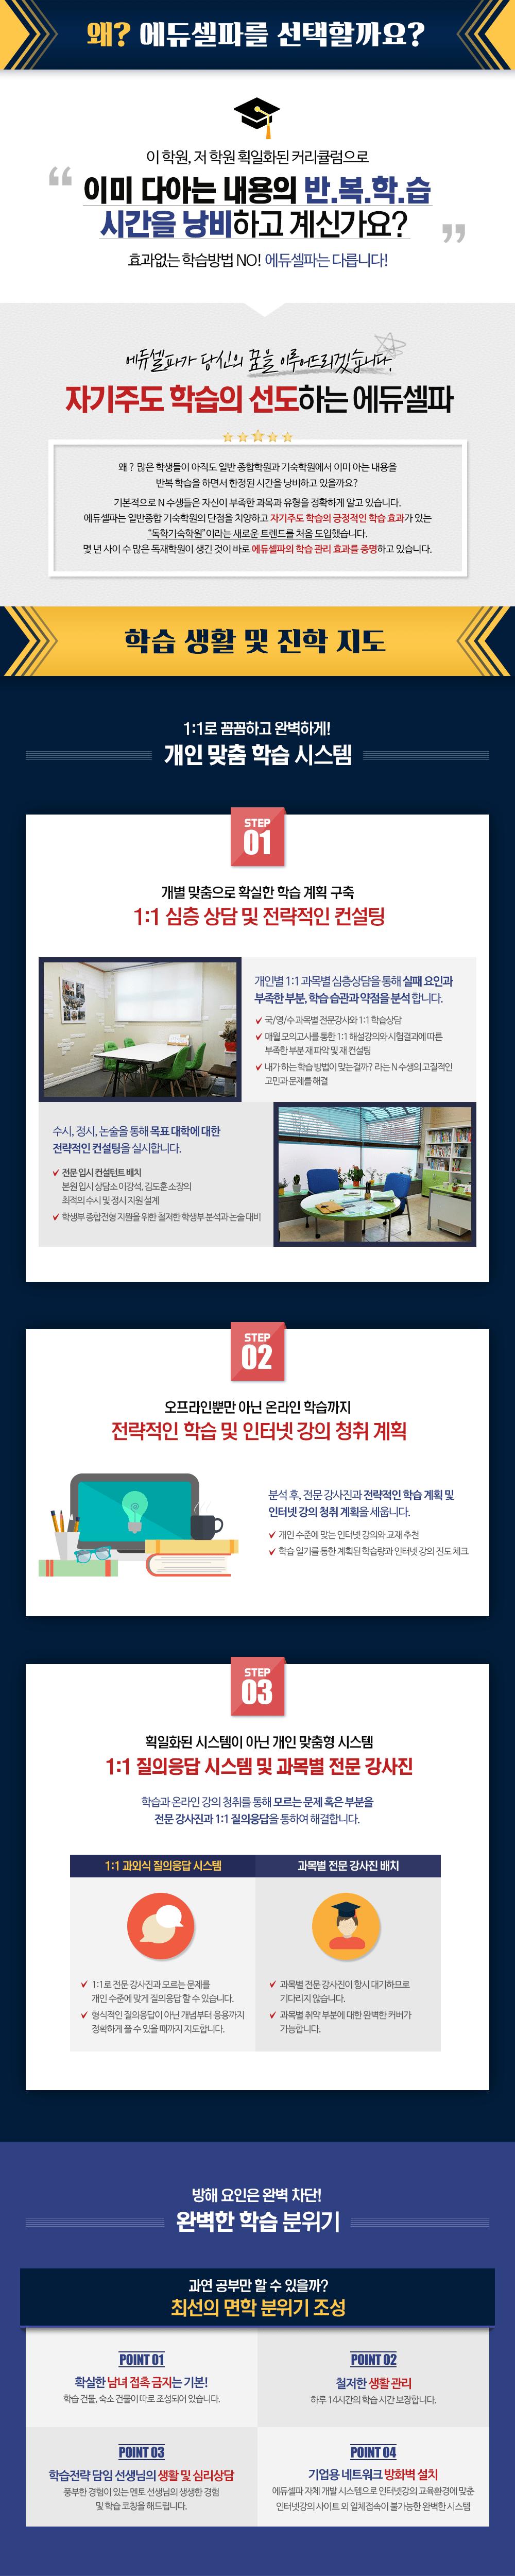 2018대입정규반소개 에듀셀파독학기숙학원